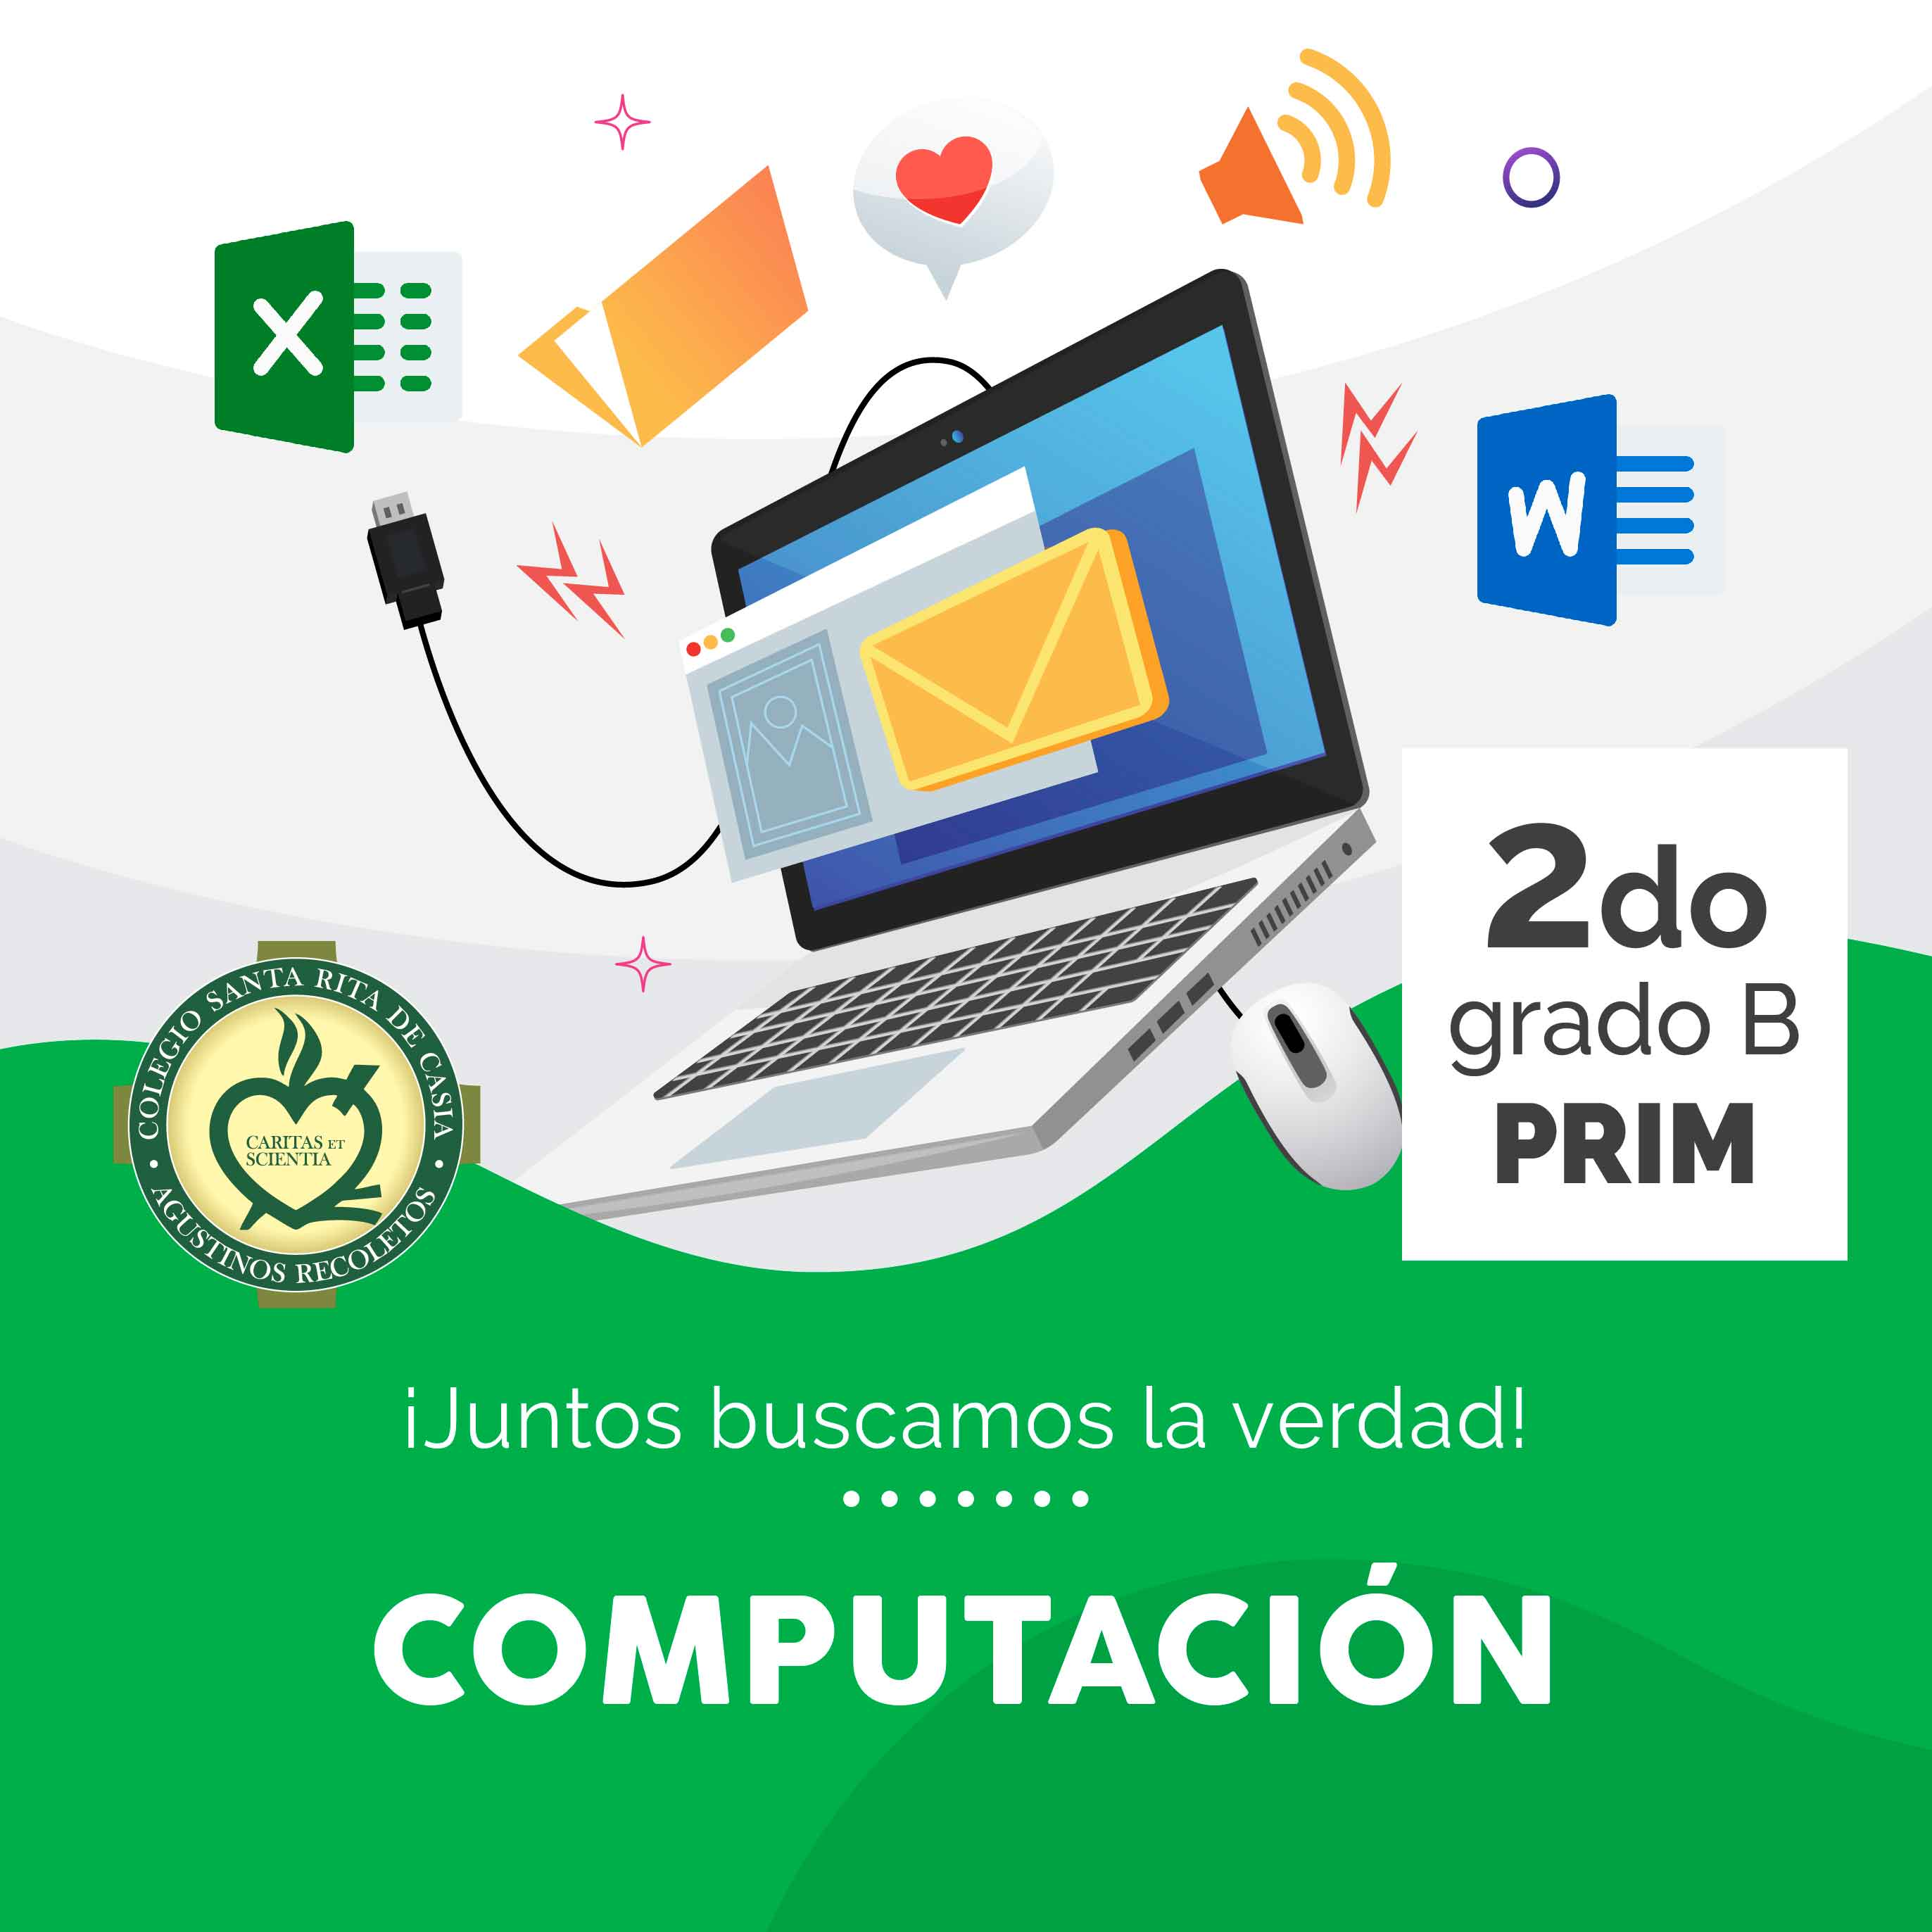 Computación 2do Grado B